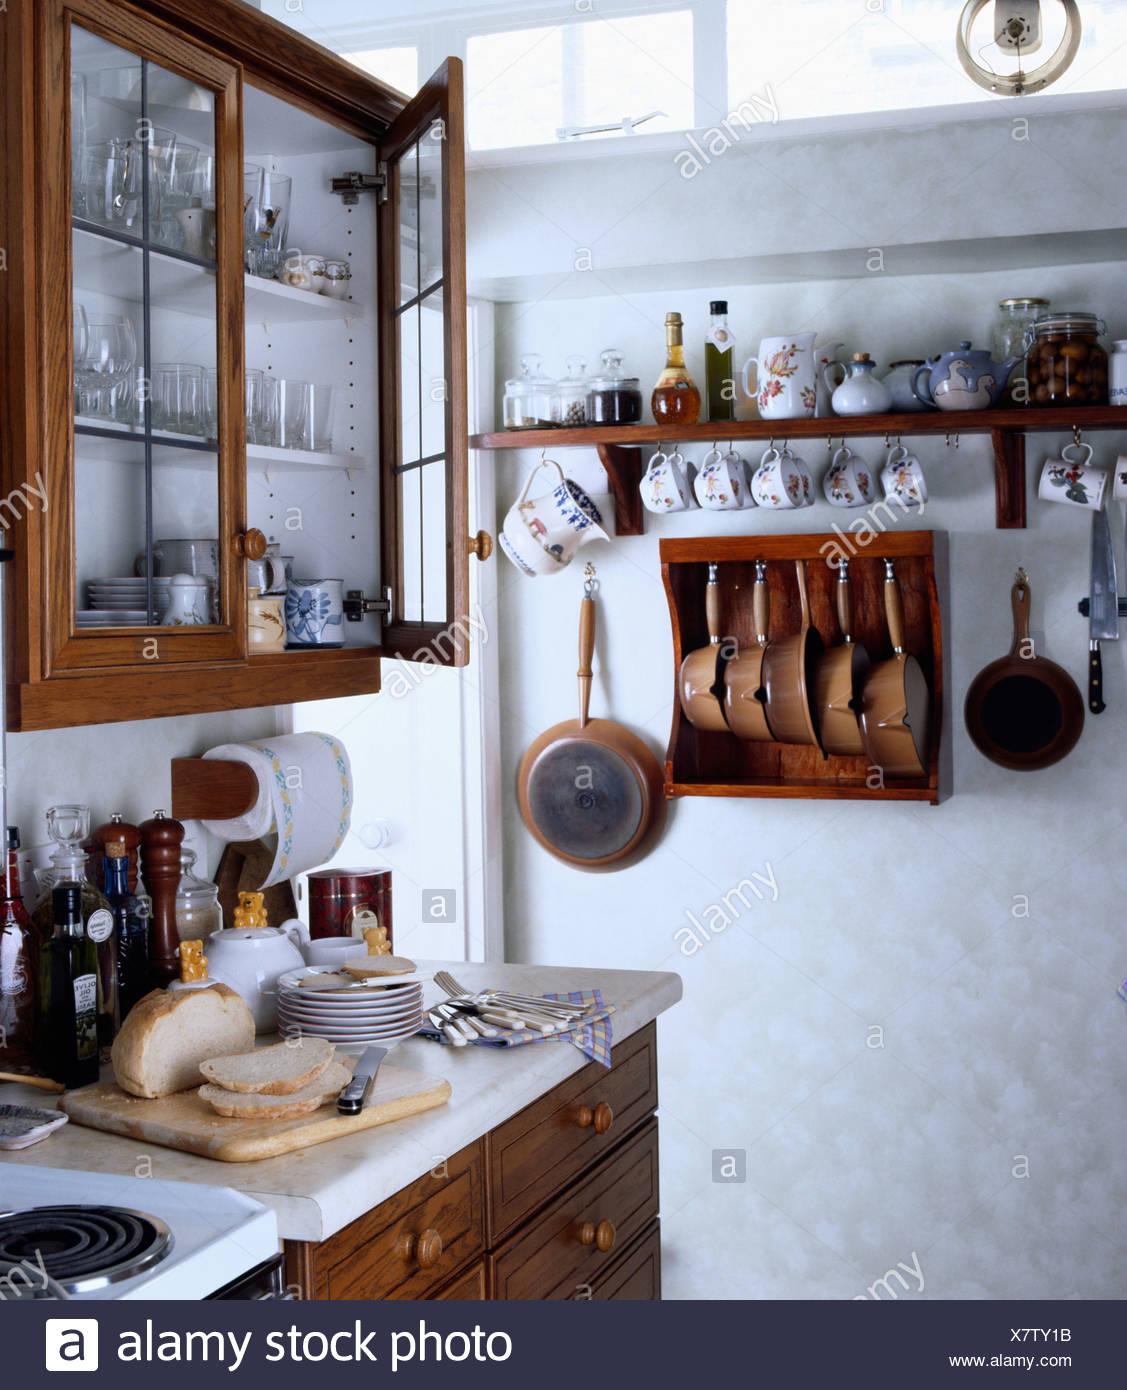 Full Size of Regal Küche Arbeitsplatte Verglasten Schrank Ber Brot Auf In Kleinen Weien Schreibtisch Mit Eckunterschrank Winkel Waschbecken Theke Gardinen Schräge Wohnzimmer Regal Küche Arbeitsplatte